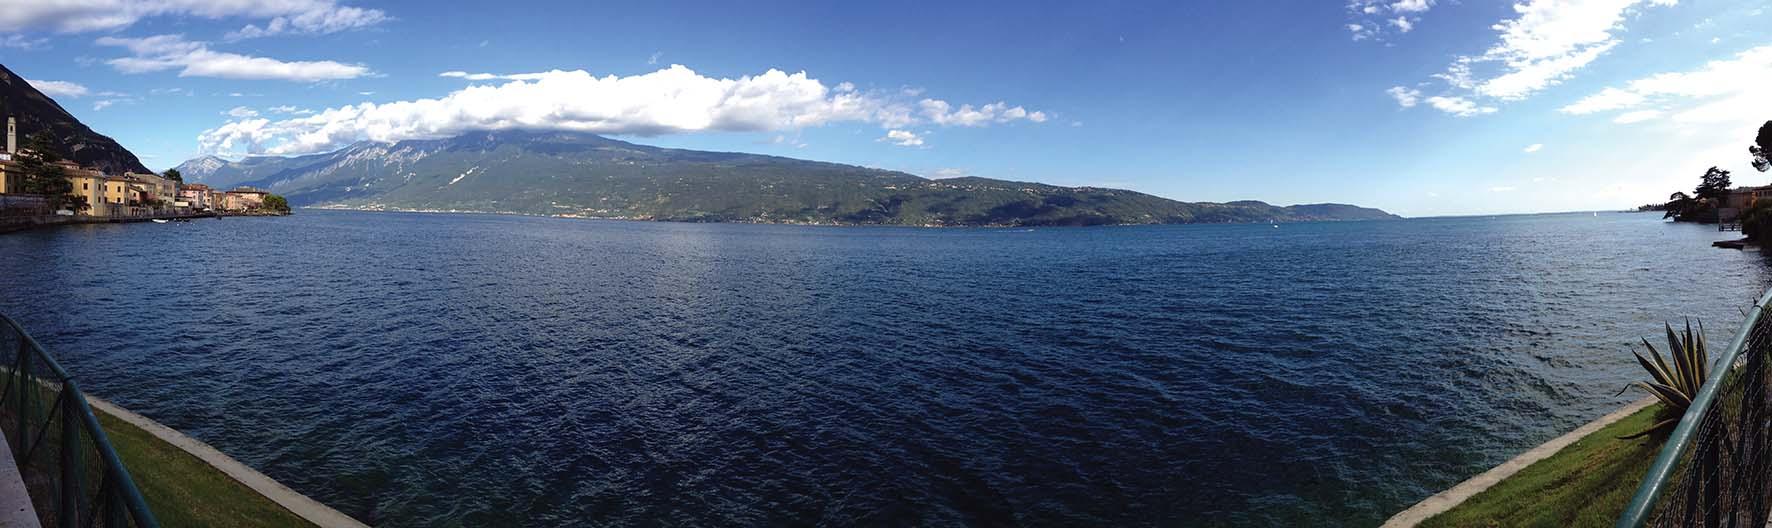 gargnano panorama lago di garda esteso